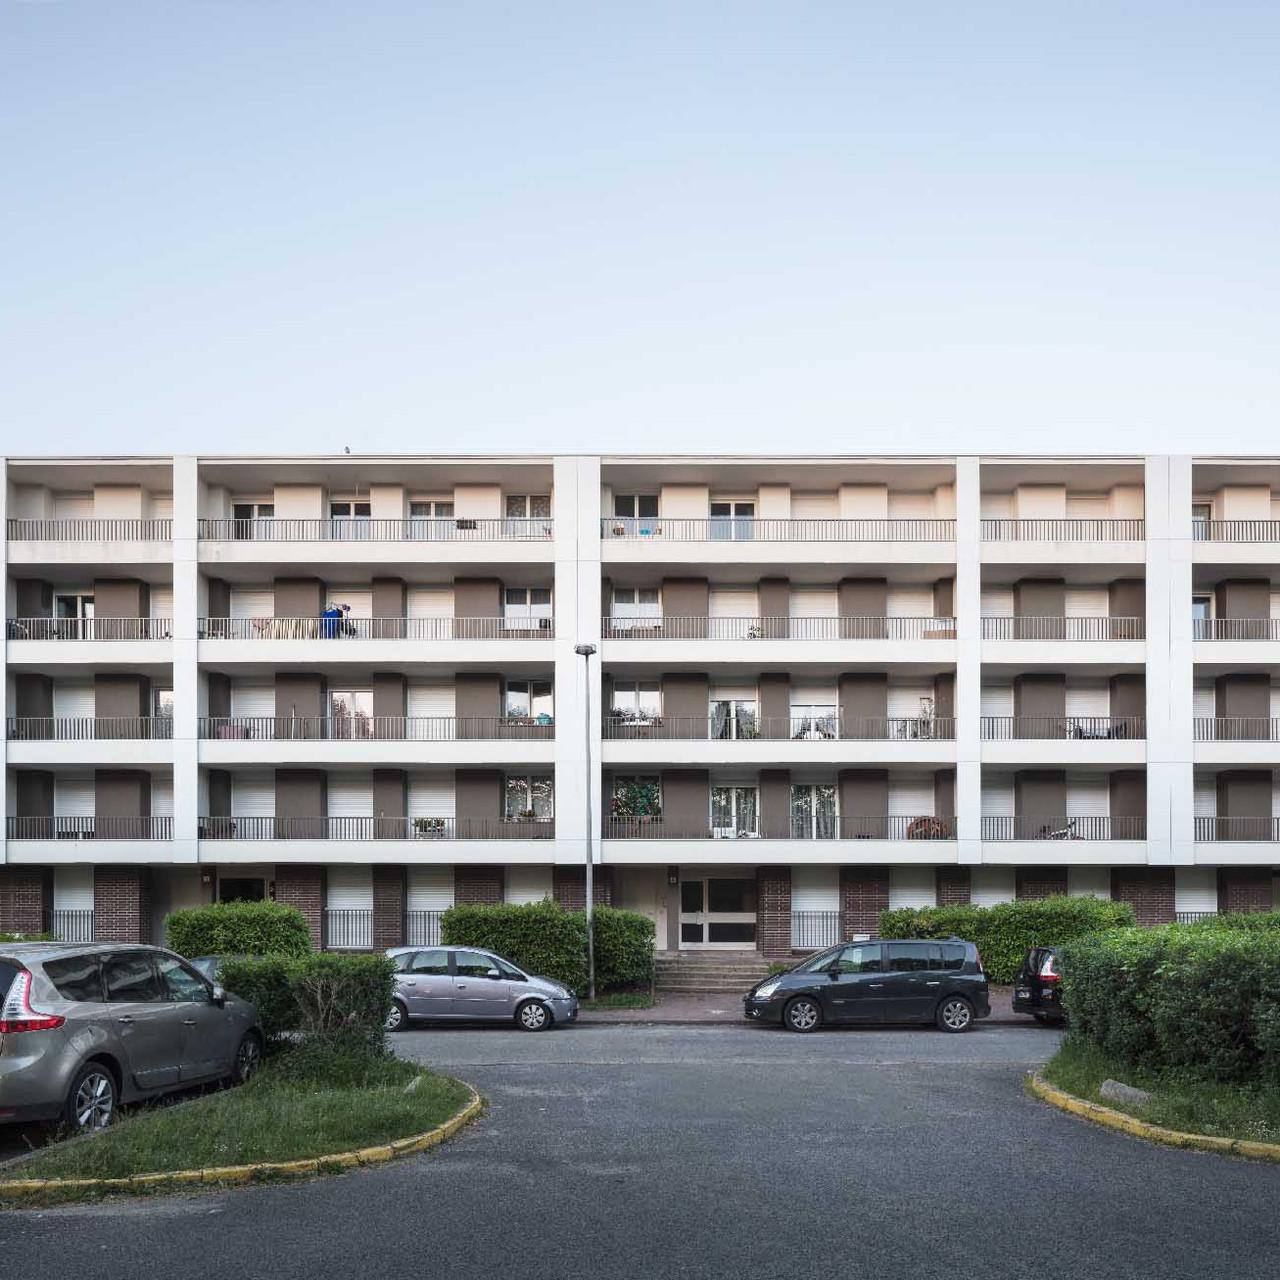 04_-_Saint-Prix_-_Daudré-Vignier_Archite